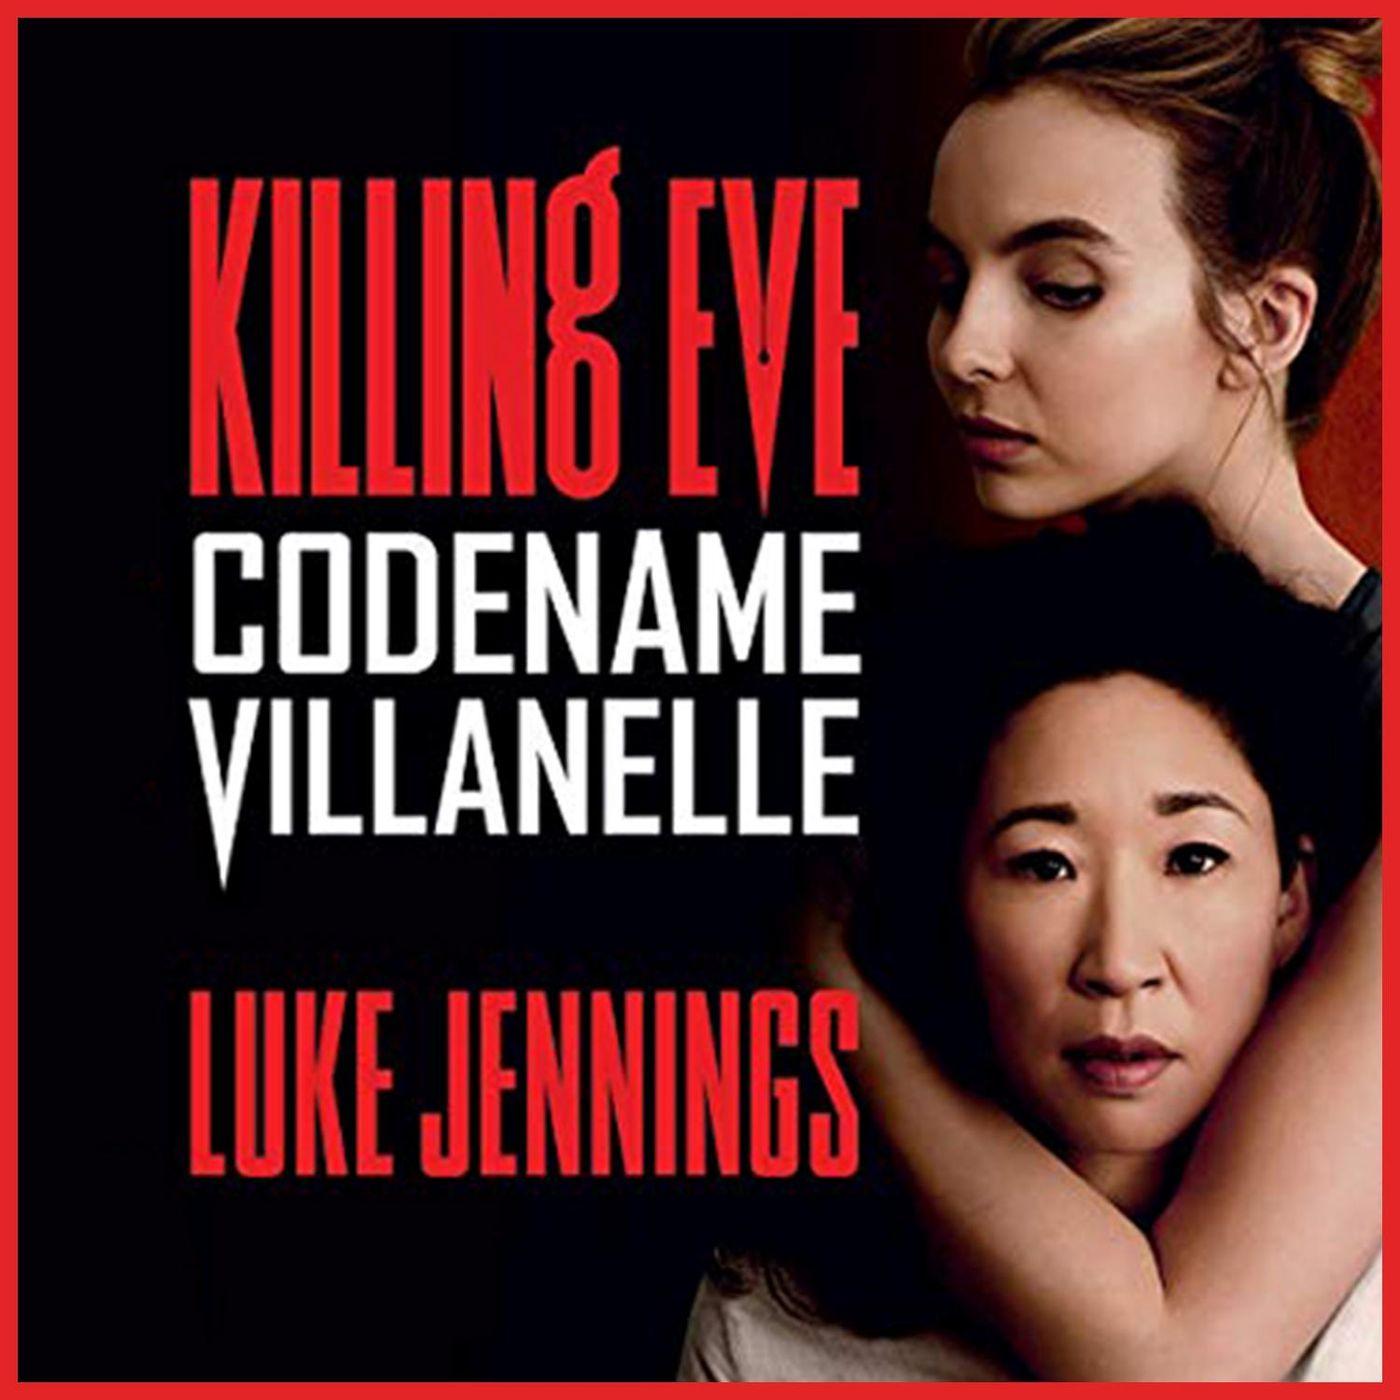 LUKE JENNINGS - Killing Eve